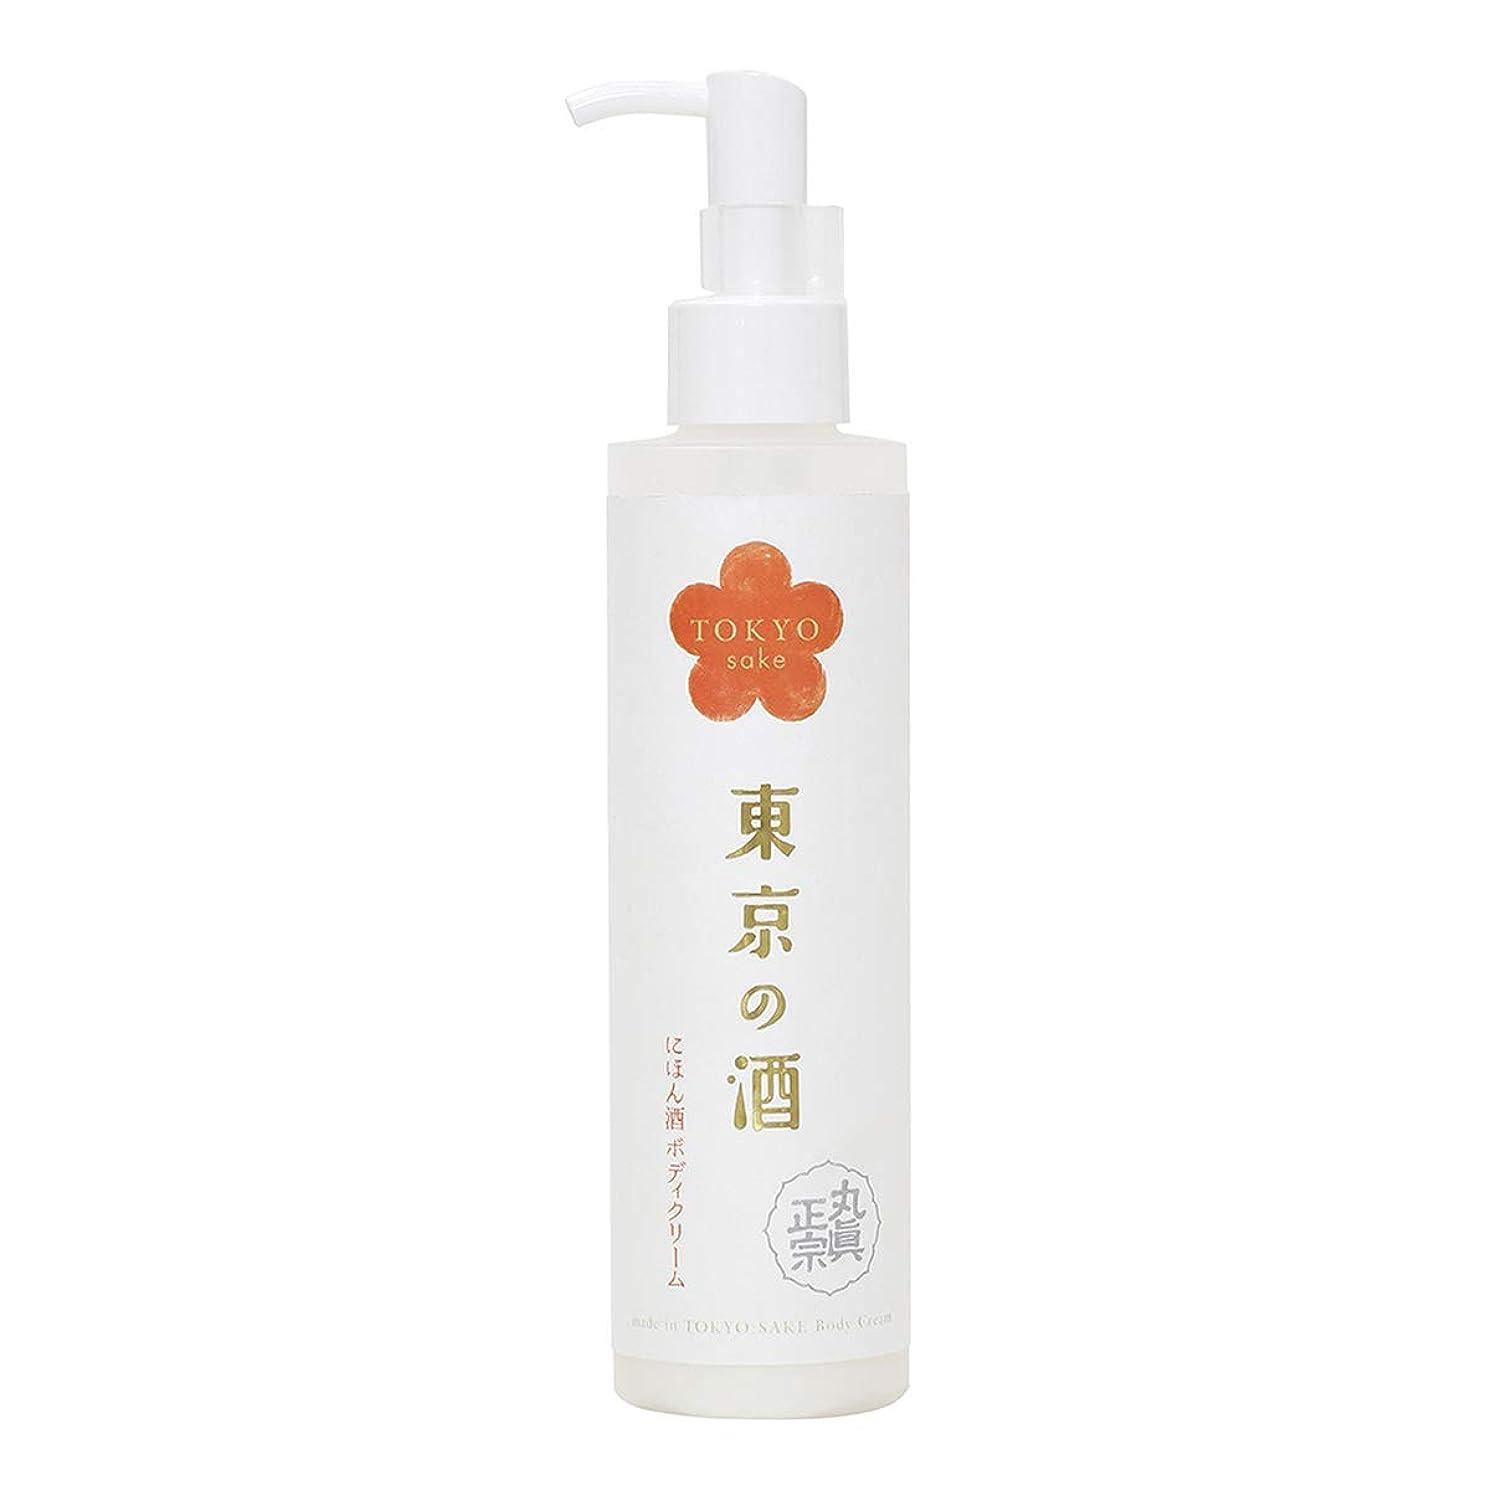 ソート適応カートンノルコーポレーション 東京の酒 ボディクリーム OB-TKY-3-1 200ml